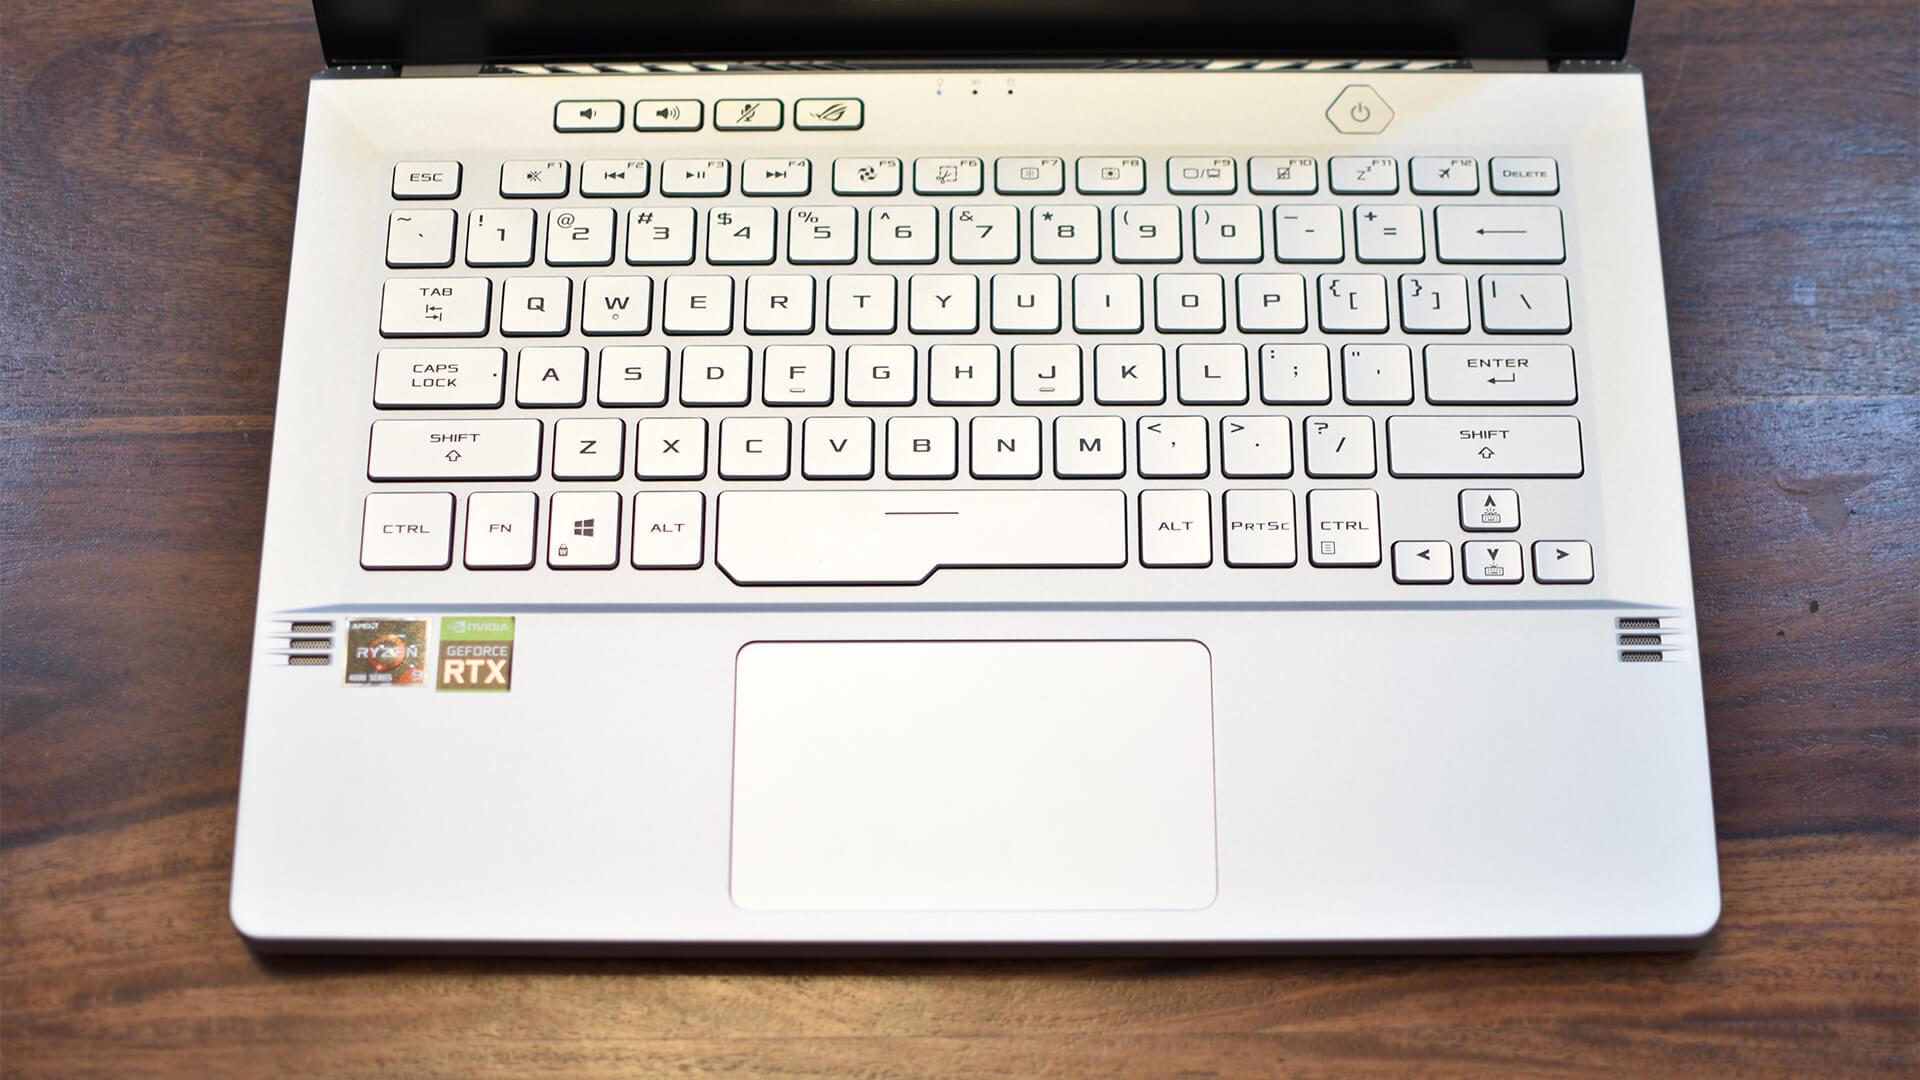 ASUS ROG Zephyrus G14 Keyboard Trackpad Fingerprint Reader